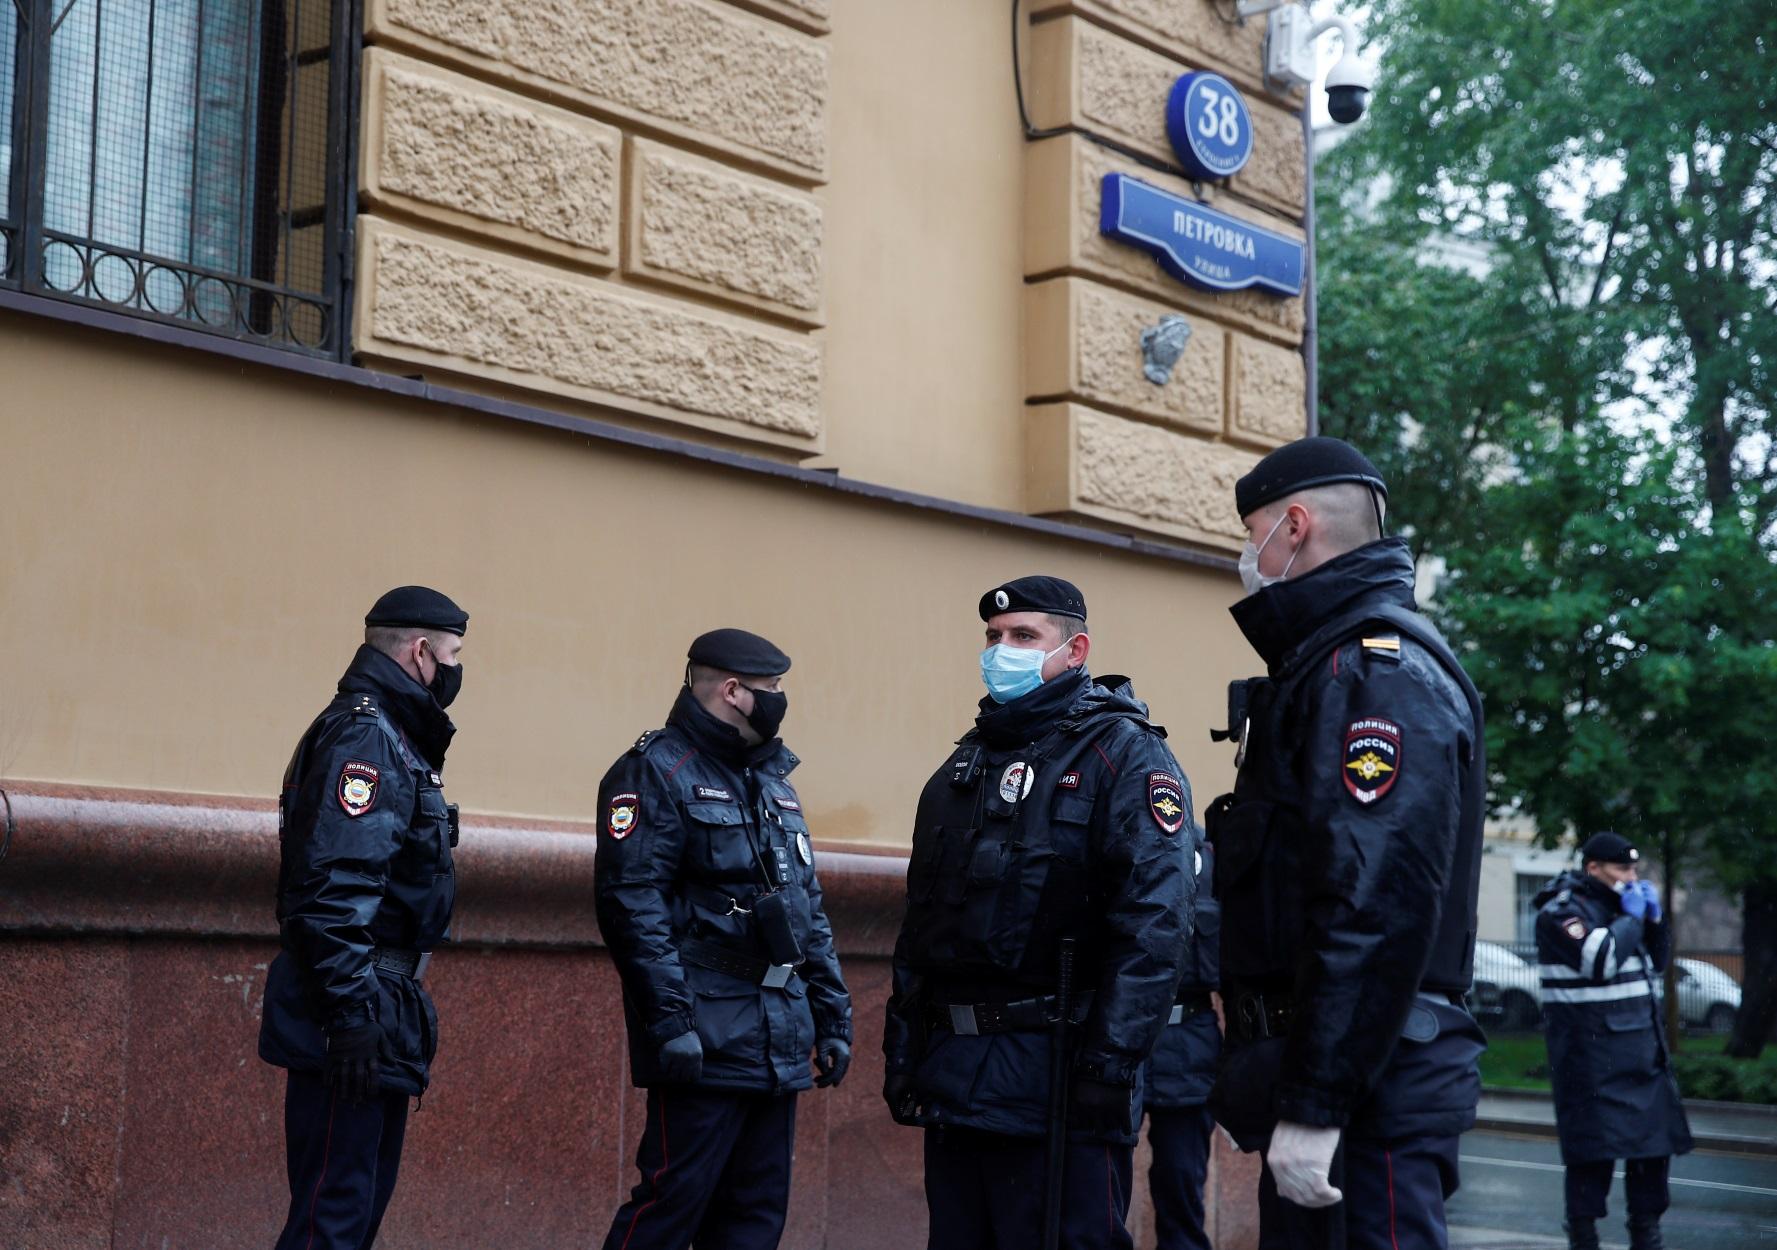 Ρωσία: Συνελήφθη άντρας στην Κριμαία για κατασκοπεία υπέρ της Ουκρανίας